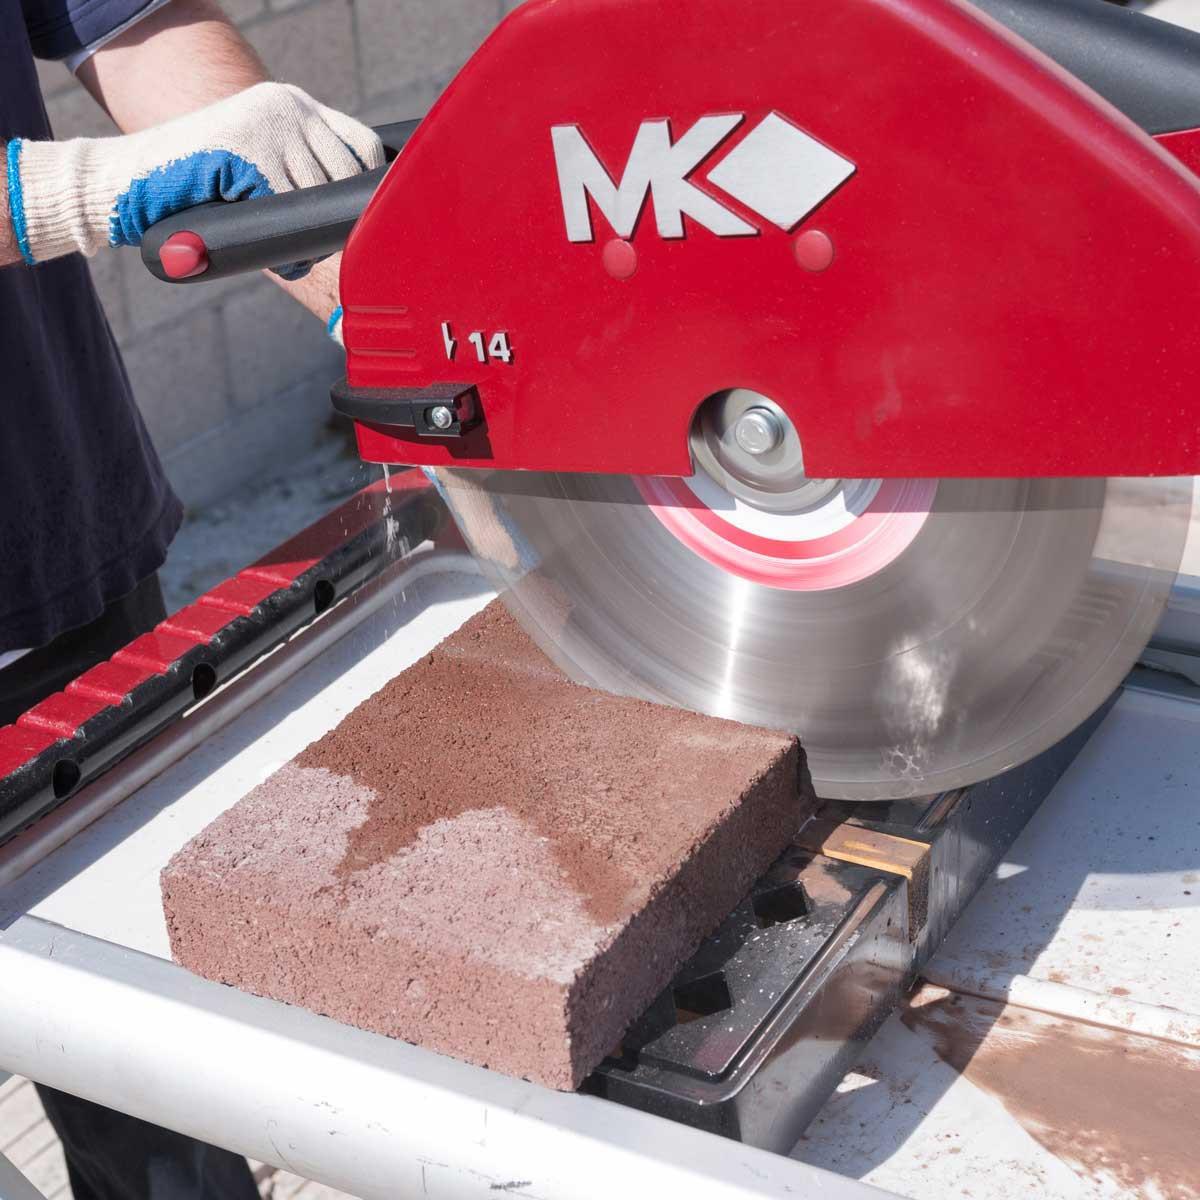 cutting with mk diamond 14in brick saw